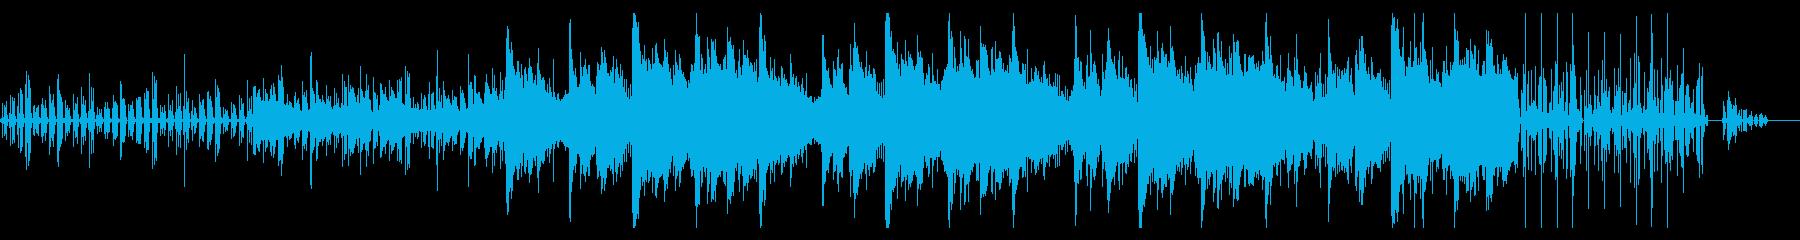 ローファイなリキッドトラップの再生済みの波形